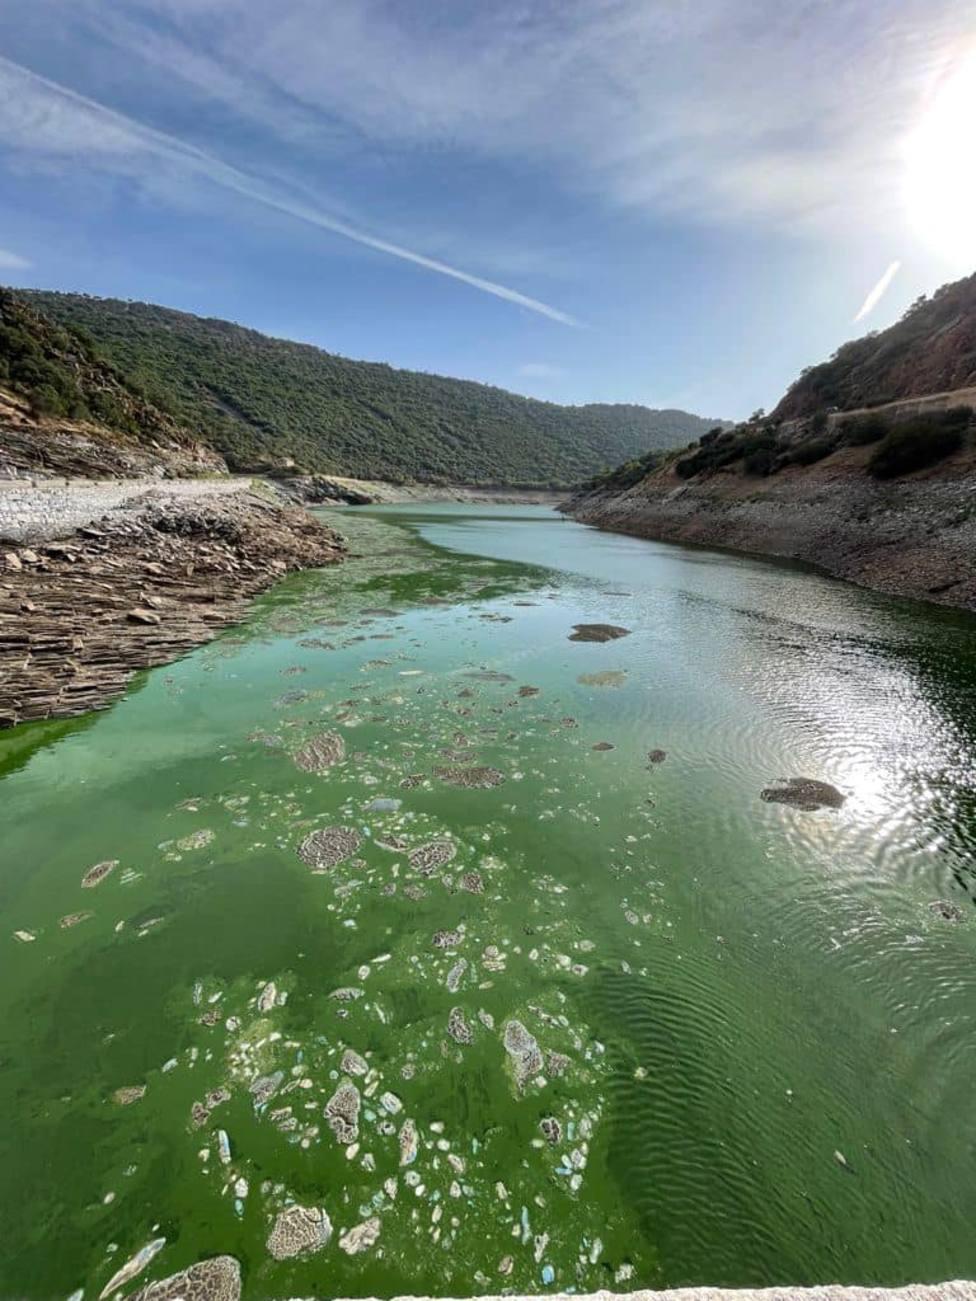 Conchas de agua en el Tajo. Foto: Paco Castañares